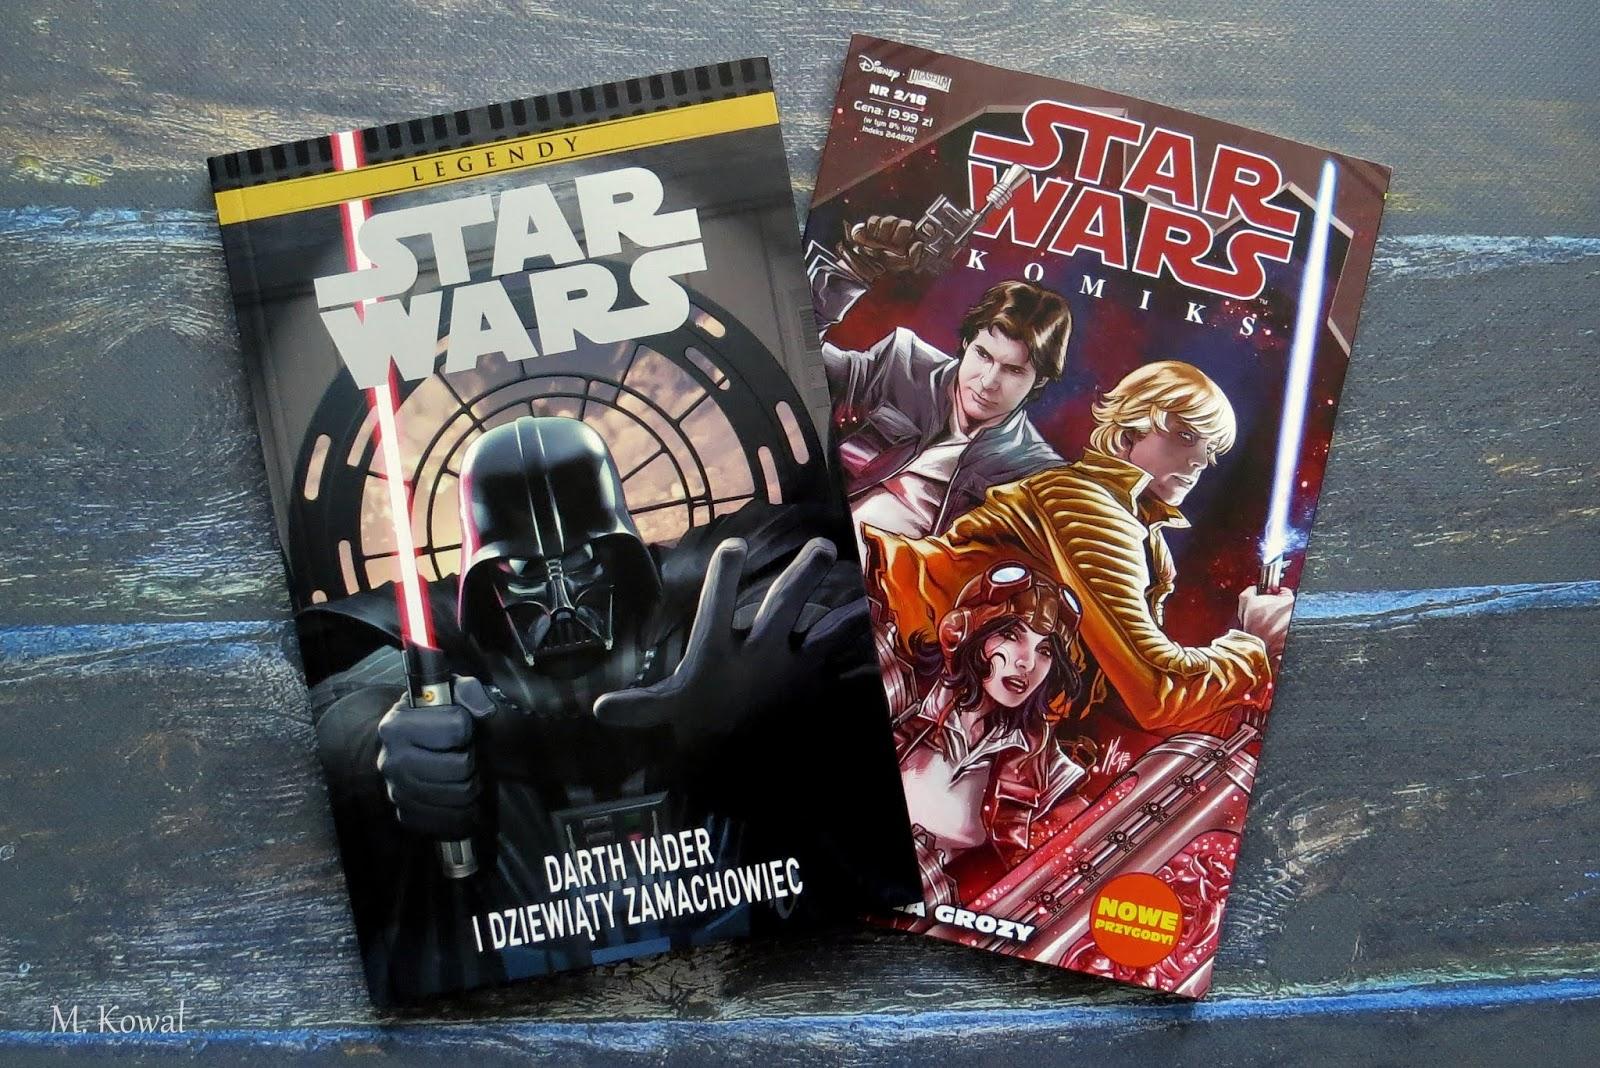 Star Wars Legendy - Darth Vader i dziewiąty zamachowiec